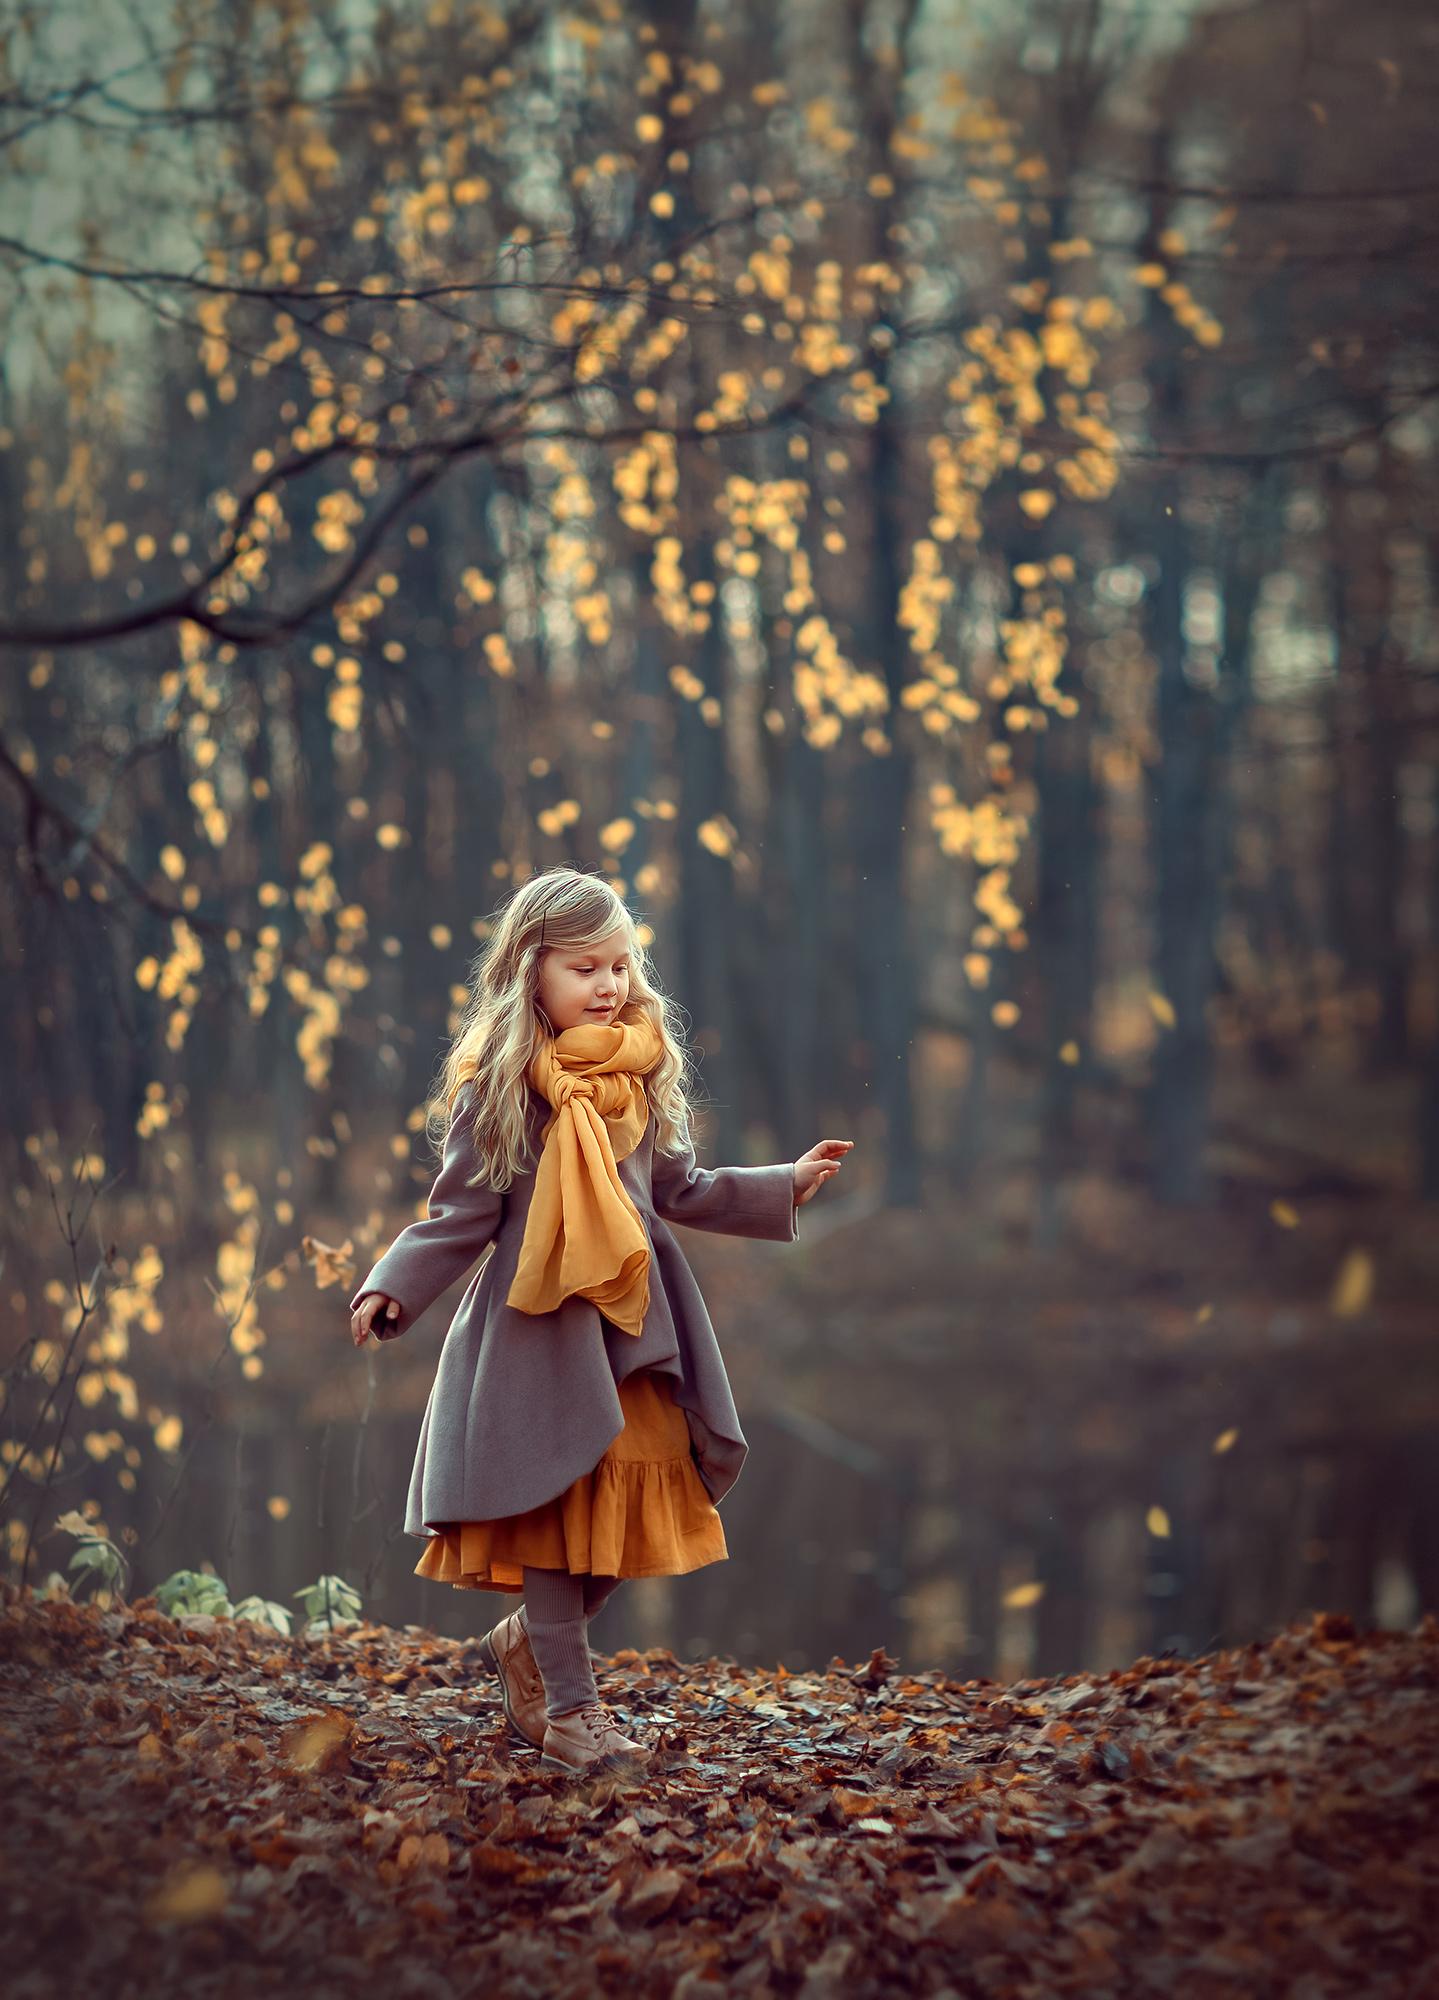 осенняя фотосессия для девочки в парке. Детская весенняя фотосессия, детская фотосессия, детская фотосессия в студии, детский фотограф, профессиональный фотосессия, ребенок фотосессия, фотосессия девочки, фотосессия москва, фотограф Москва. Катрин Белоцерковская фотограф kateblc